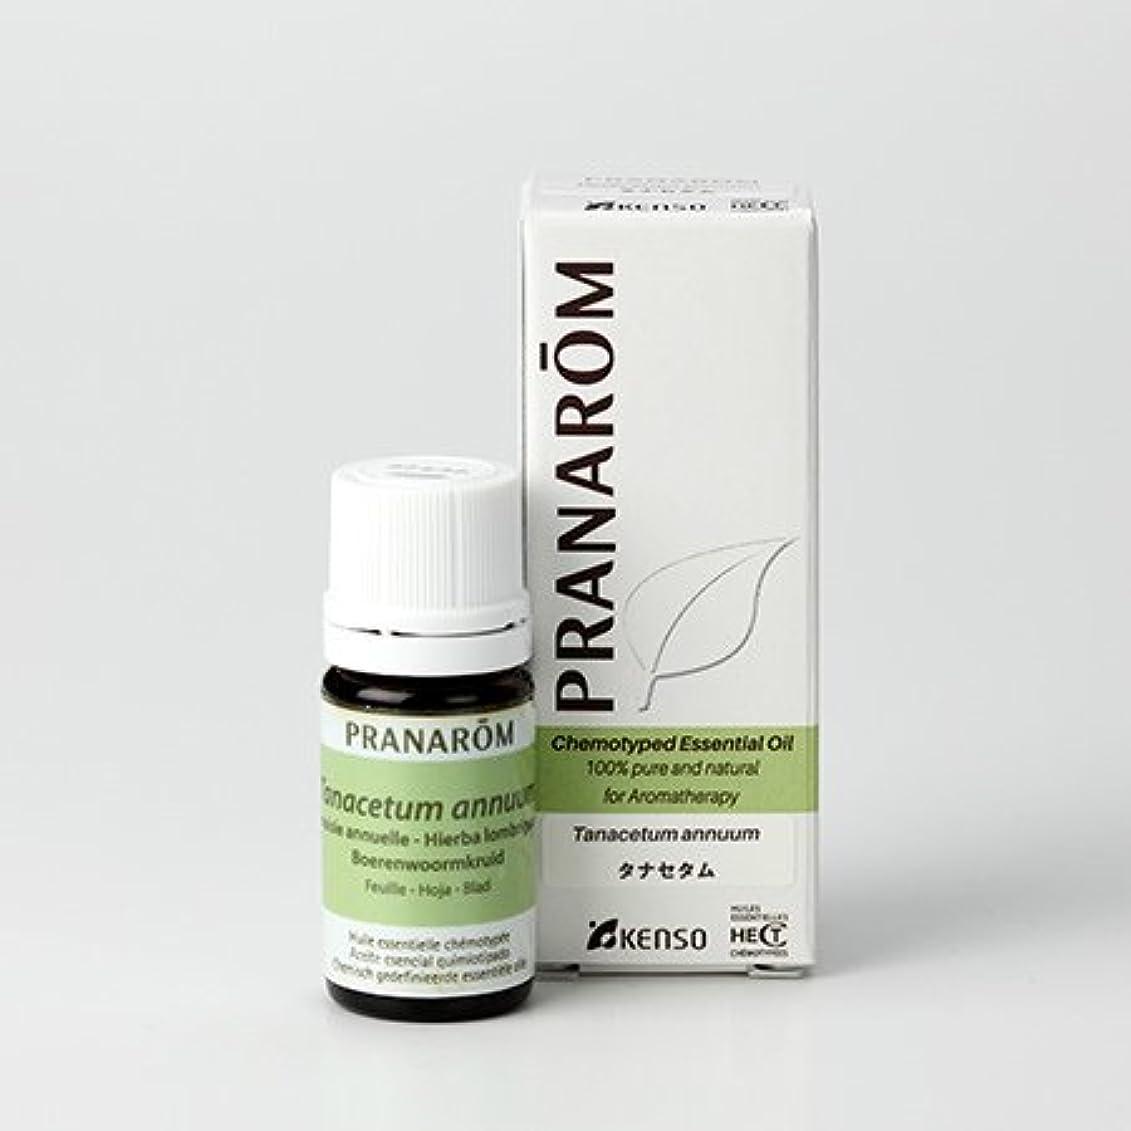 球状アンデス山脈防腐剤プラナロム タナセタム 5ml (PRANAROM ケモタイプ精油)